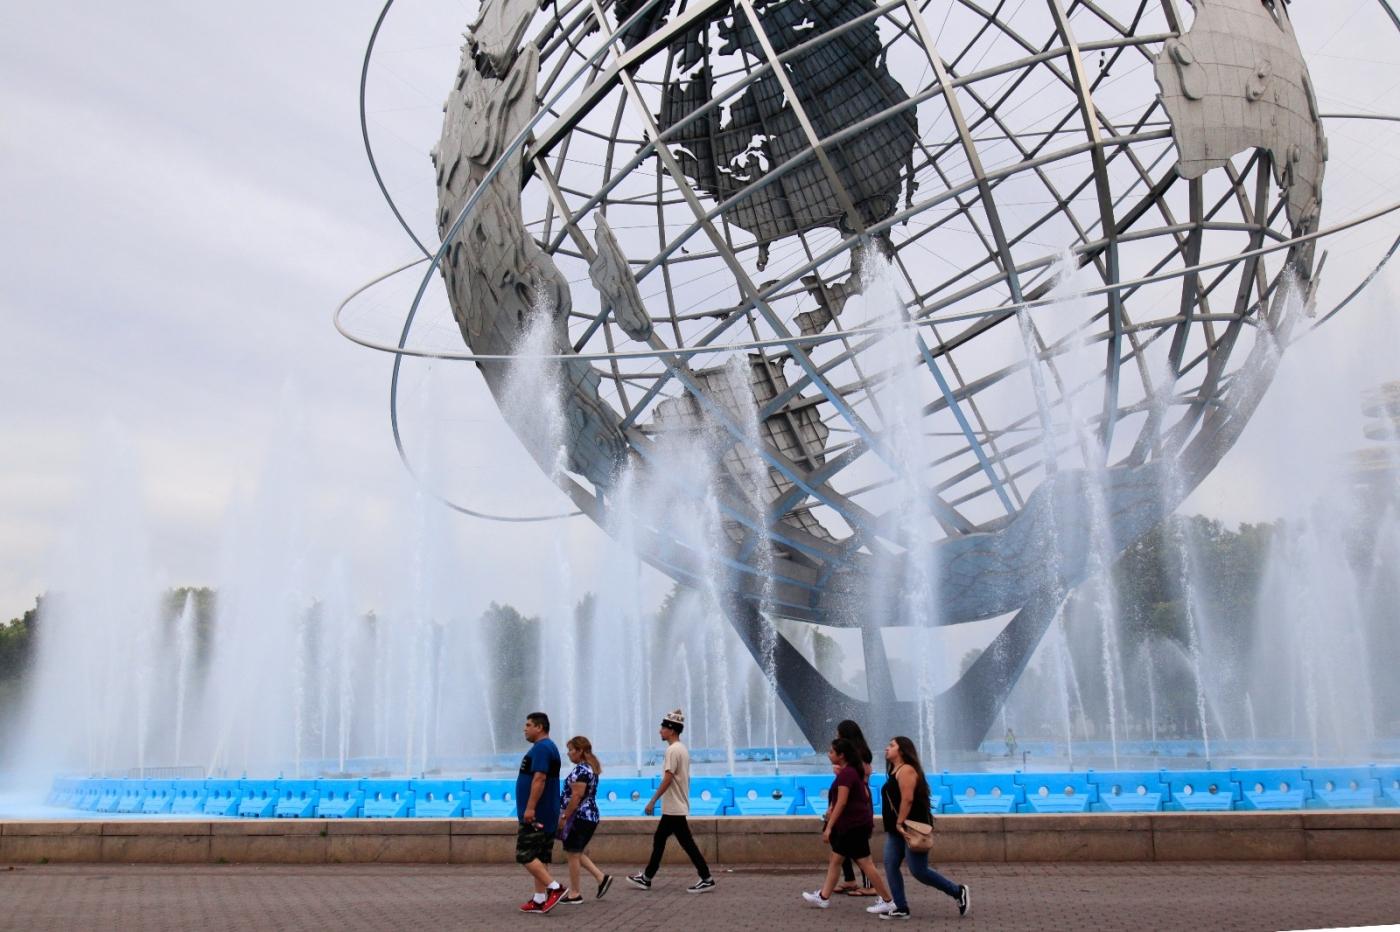 炎夏的可乐娜公园地球仪喷水池,是法拉盛周边居民休闲,娱乐的好地方 ..._图1-7